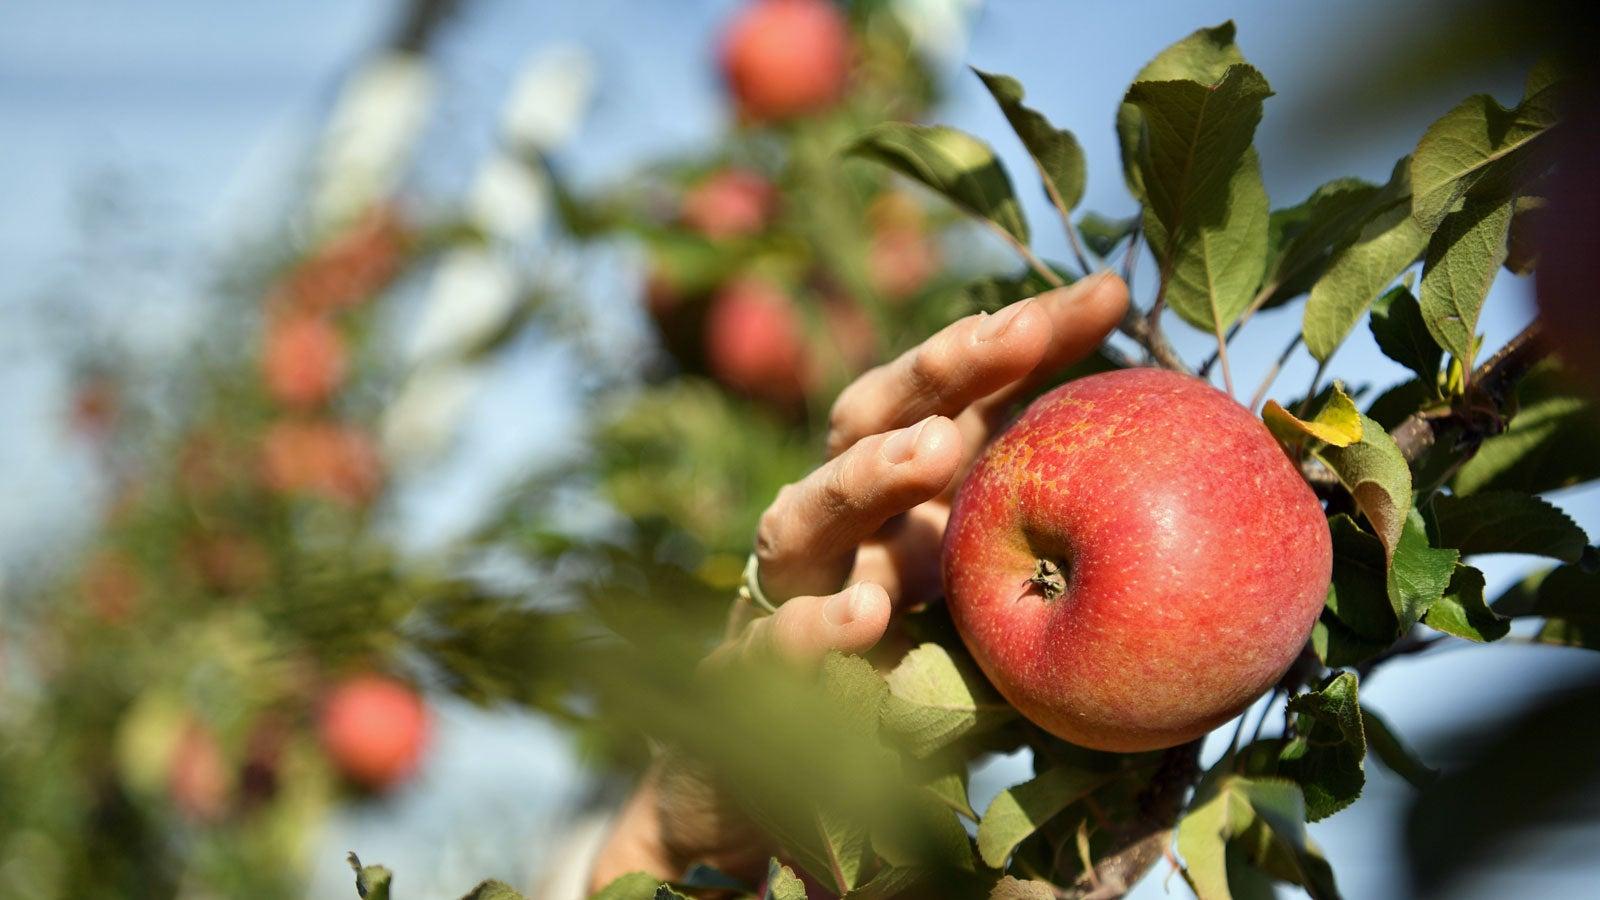 Trotz Apfelallergie: Bei diesen Sorten dürfen Sie herzhaft zubeißen